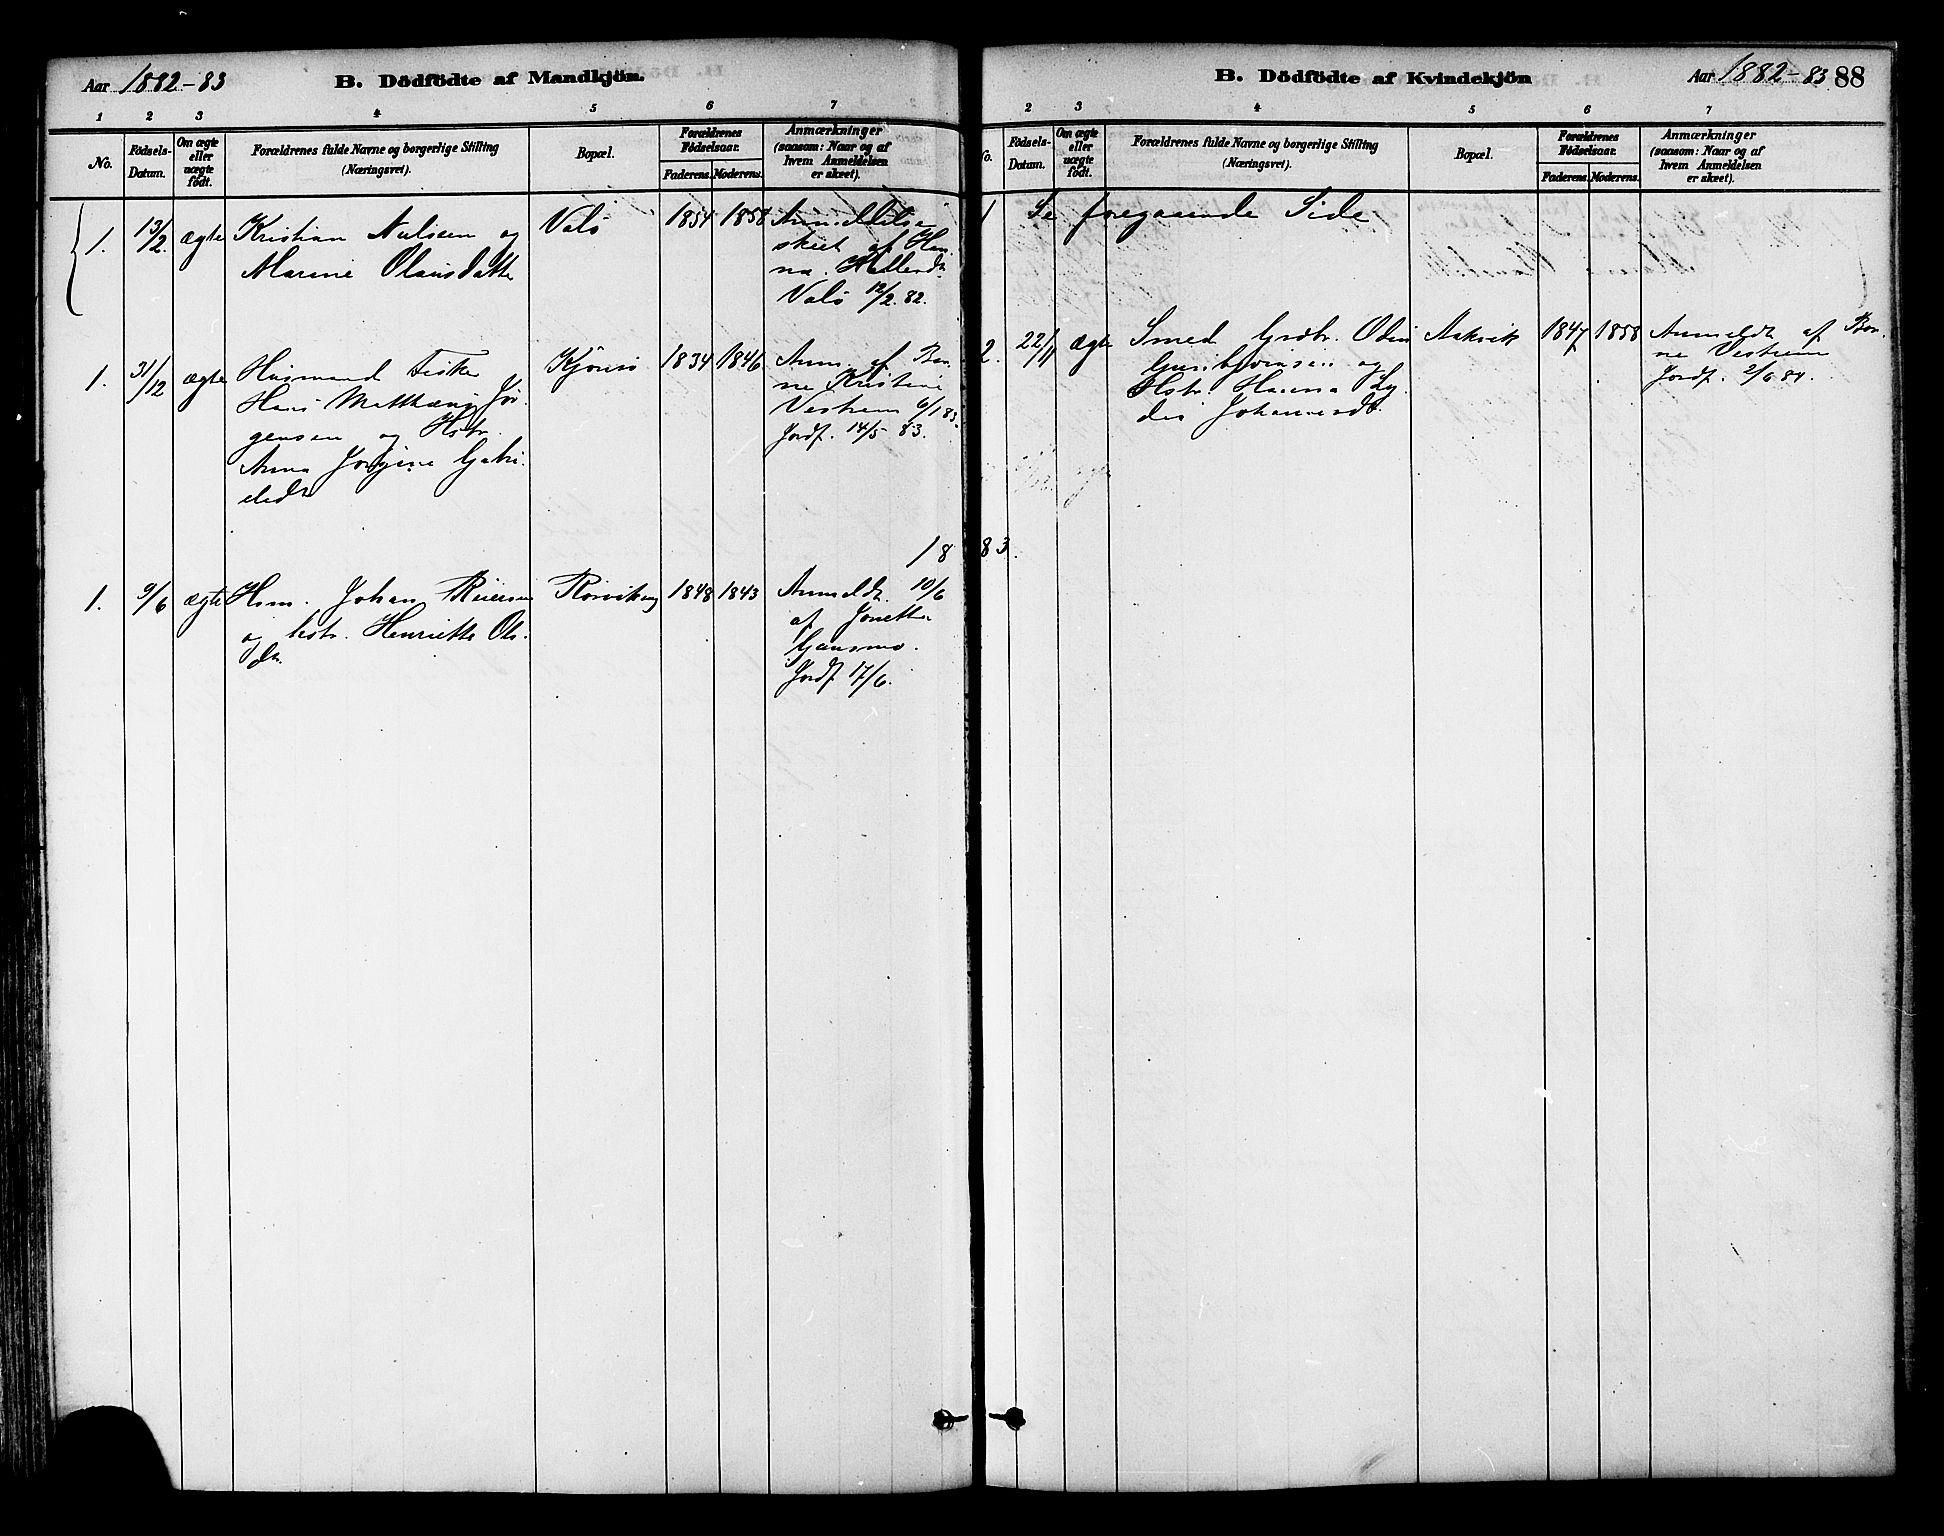 SAT, Ministerialprotokoller, klokkerbøker og fødselsregistre - Nord-Trøndelag, 786/L0686: Ministerialbok nr. 786A02, 1880-1887, s. 88